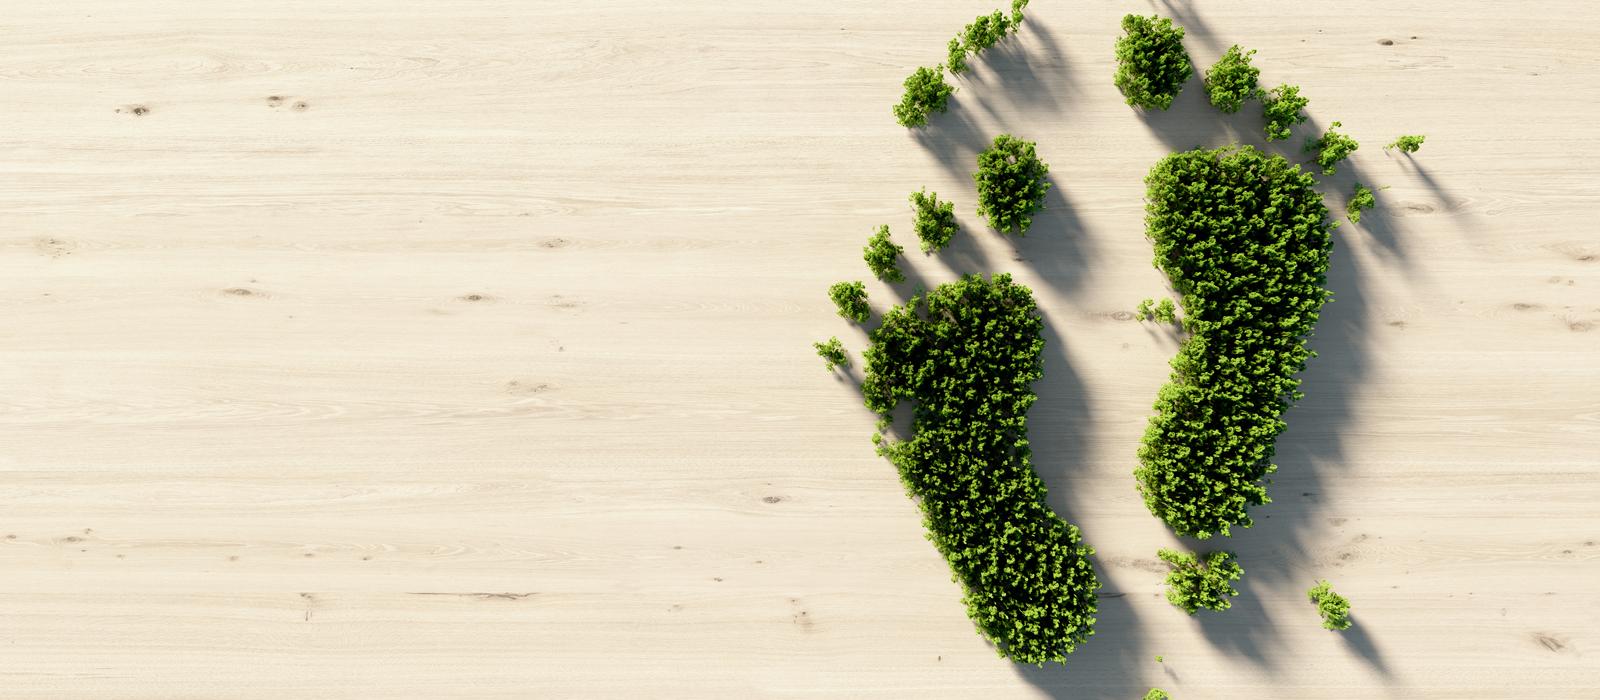 Umweltfreundliche Druckmedien – Grüne Grasfussspuren auf Holzboden